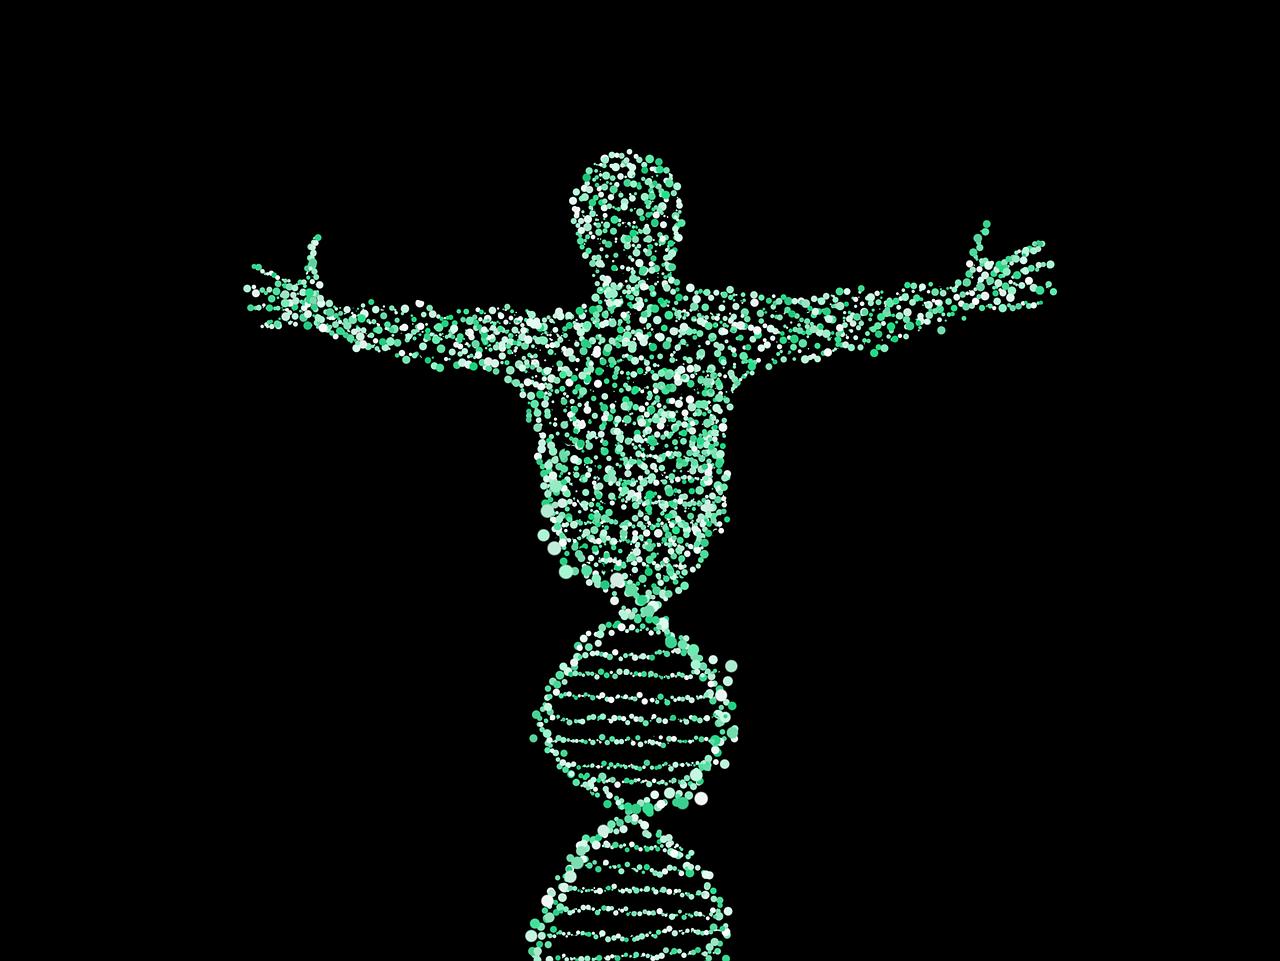 L'épigénétique : comment notre comportement influence nos gènes